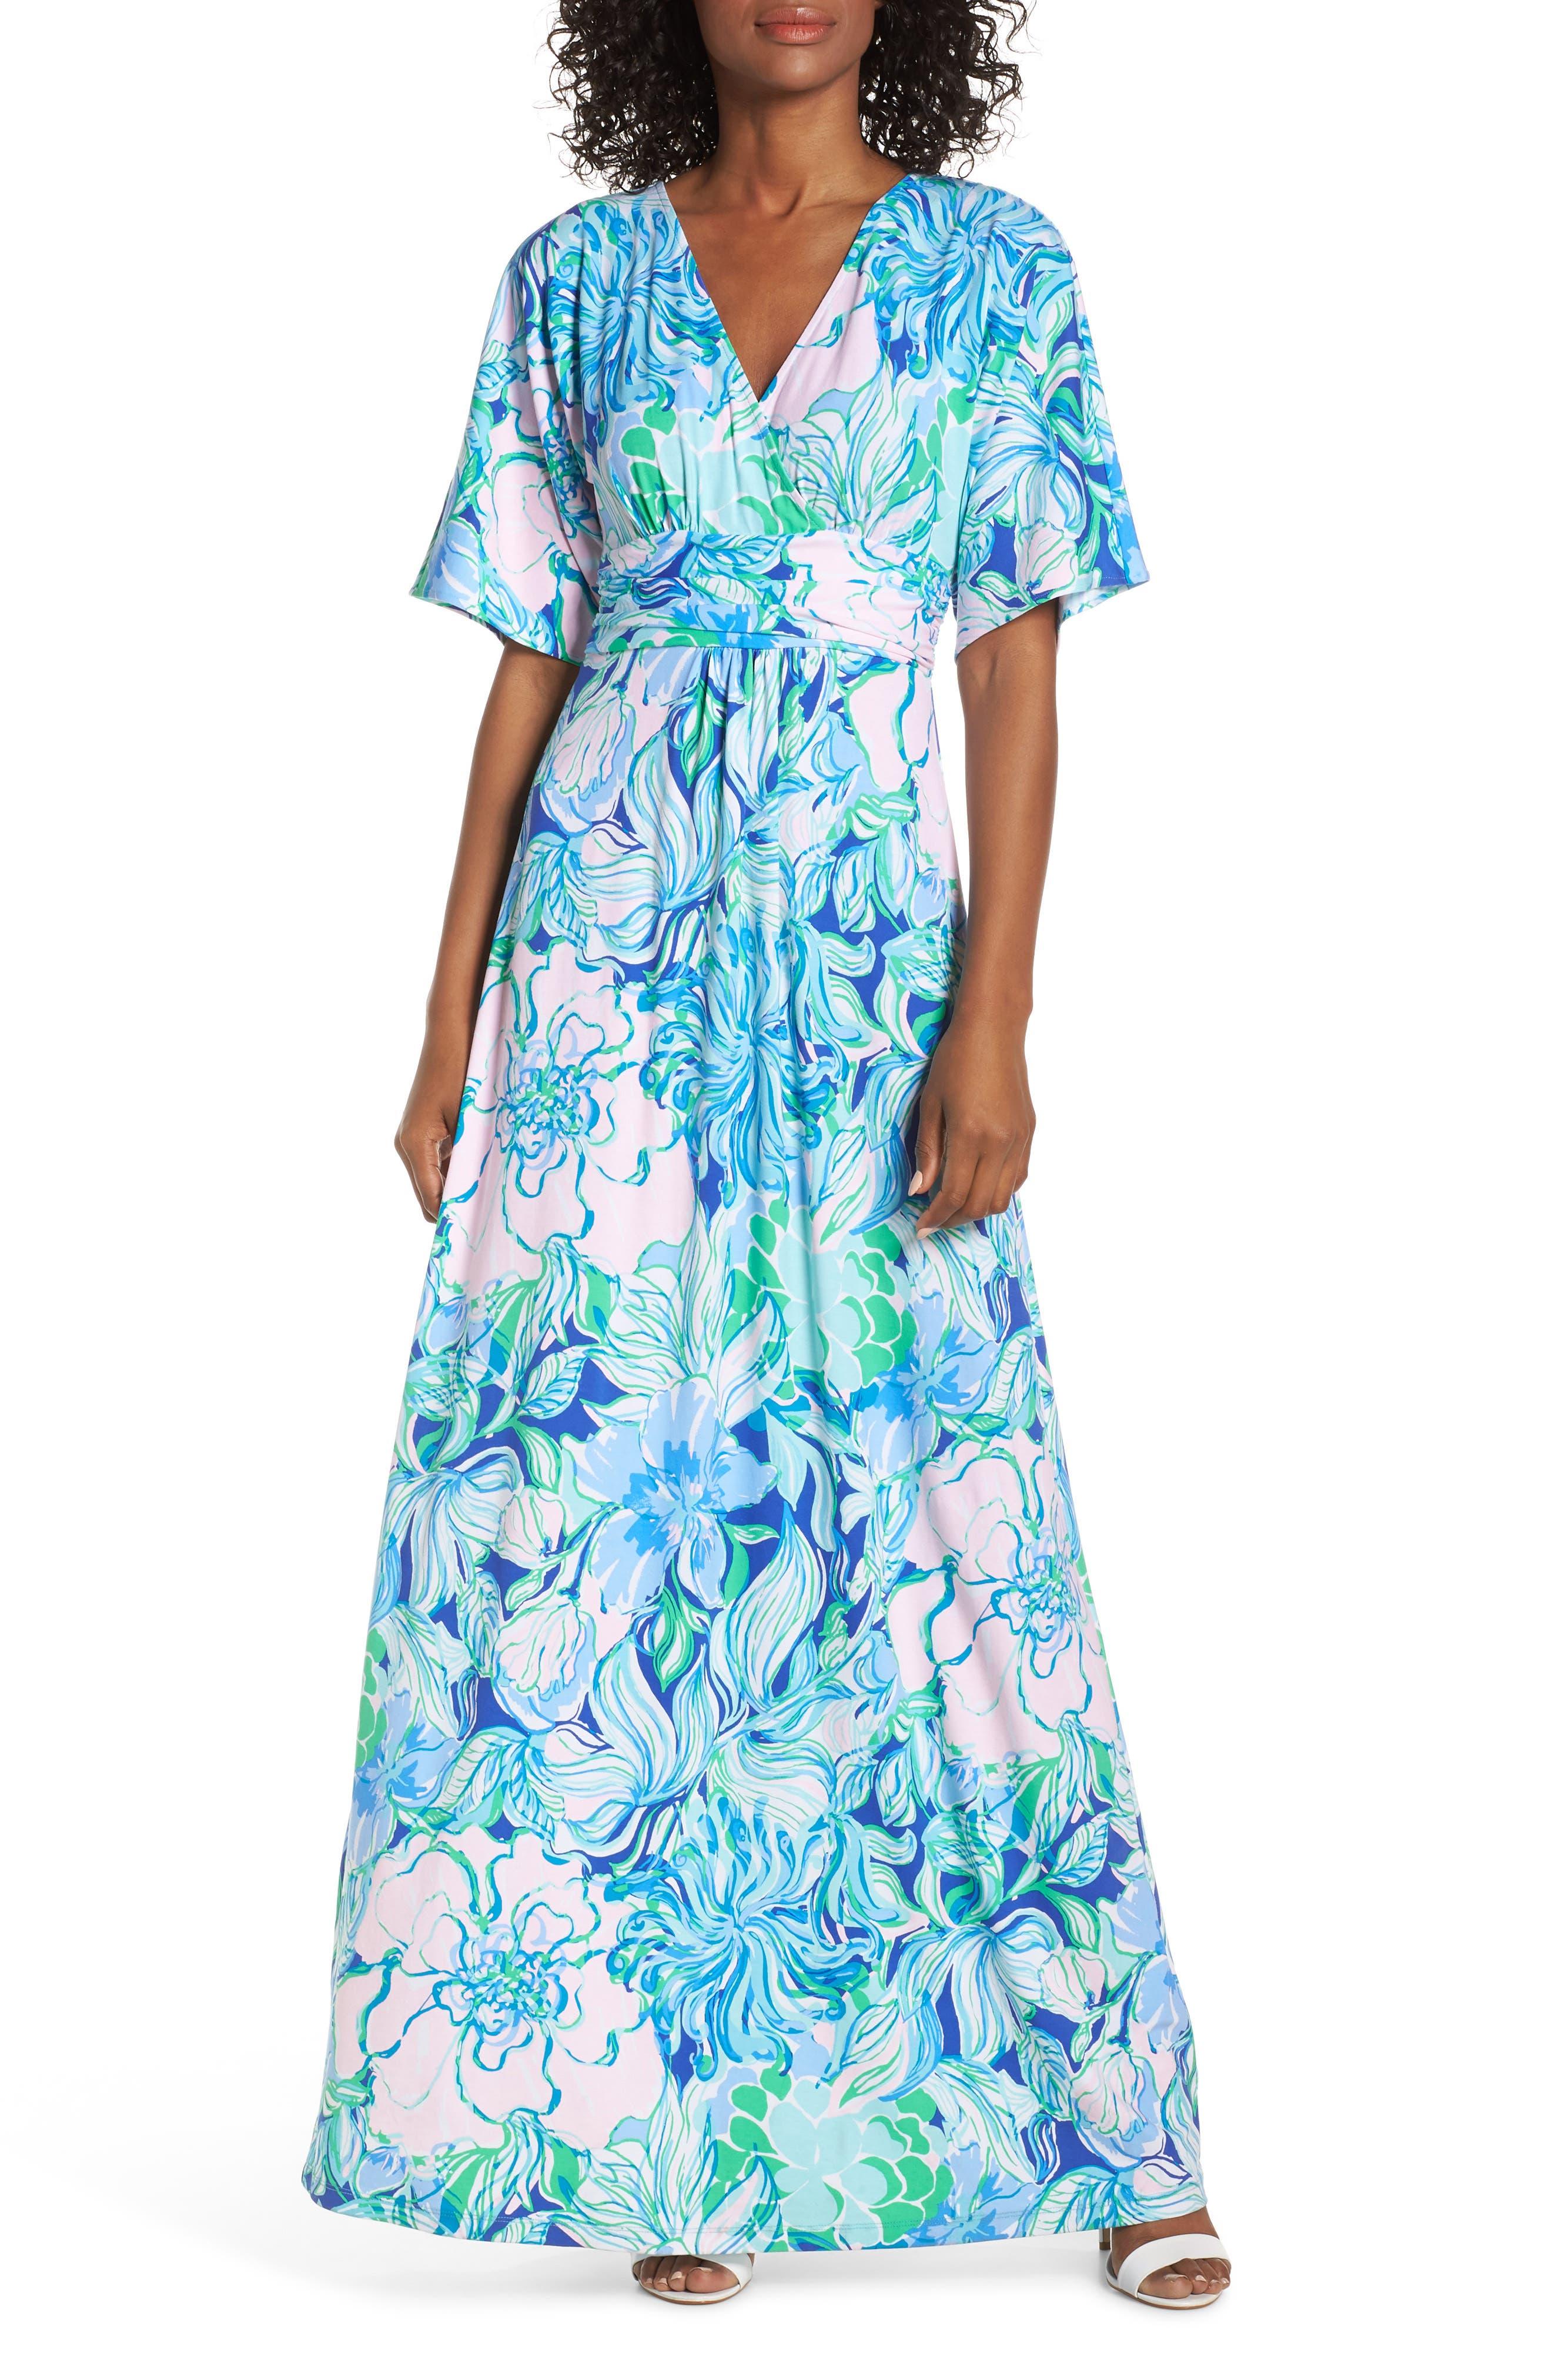 Lilly Pulitzer Parigi Maxi Dress, Pink